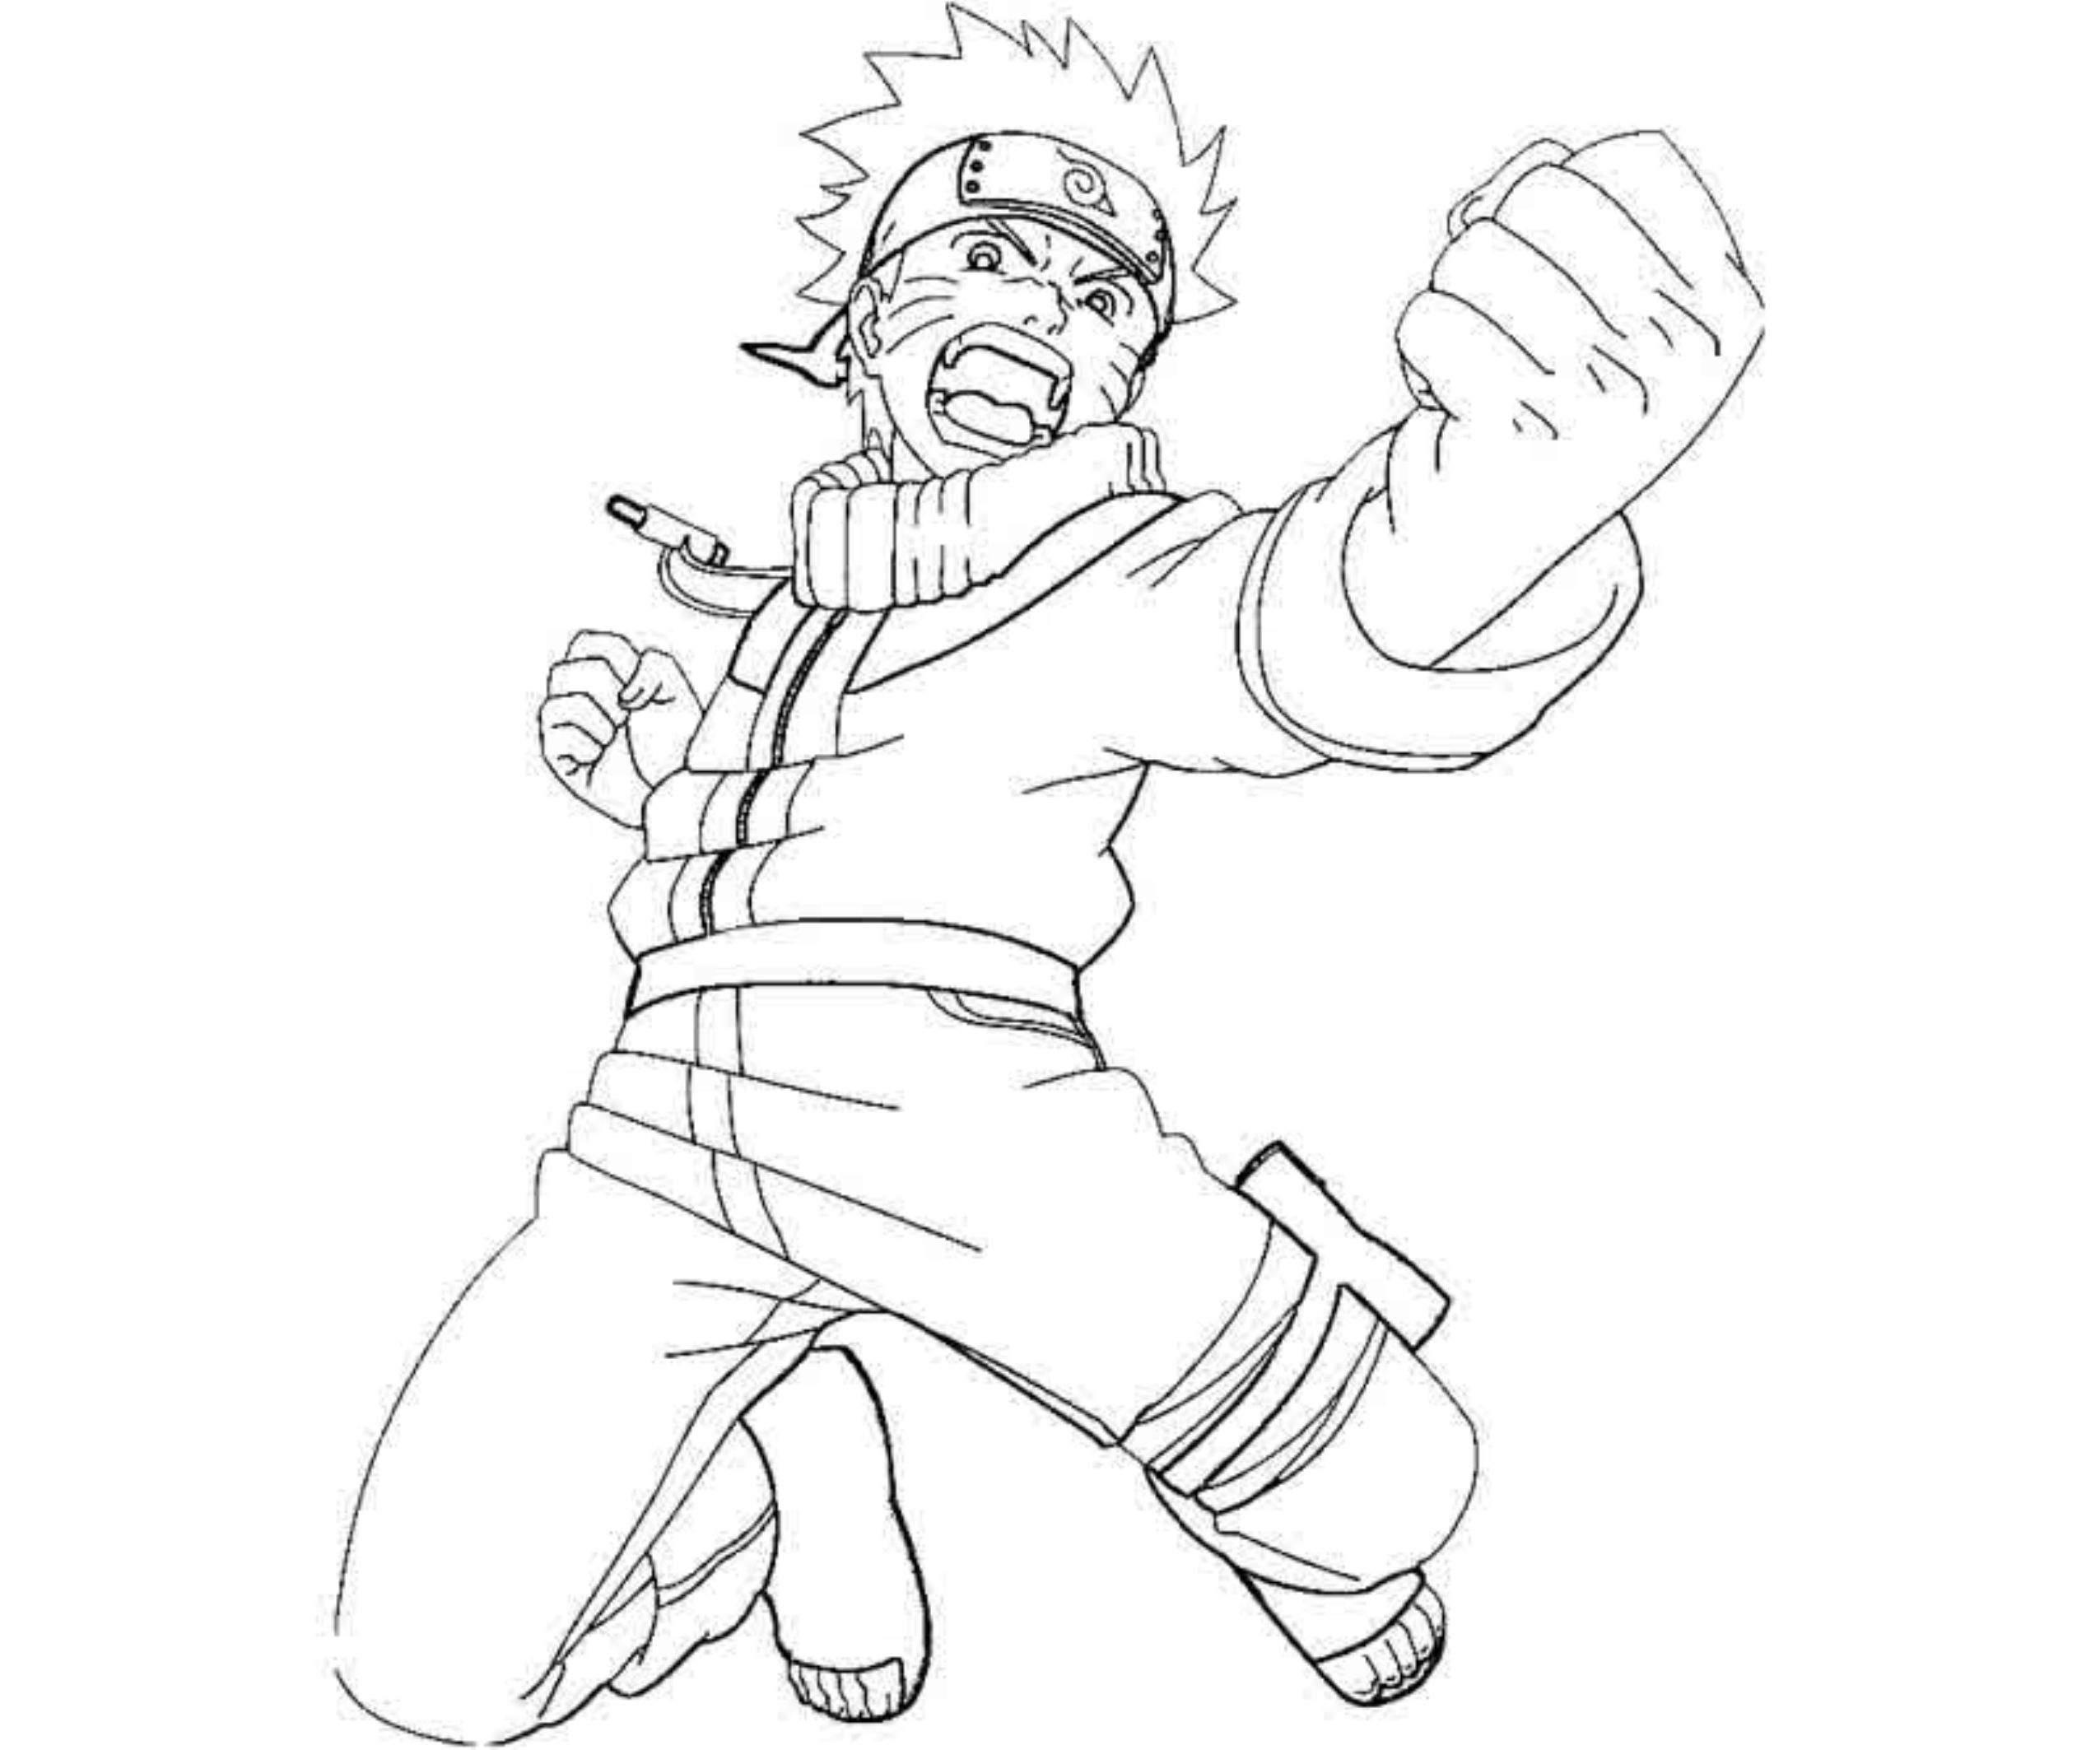 Naruto #180 (Dessins Animés) – Coloriages À Imprimer intérieur Coloriage De Naruto Shippuden A Imprimer